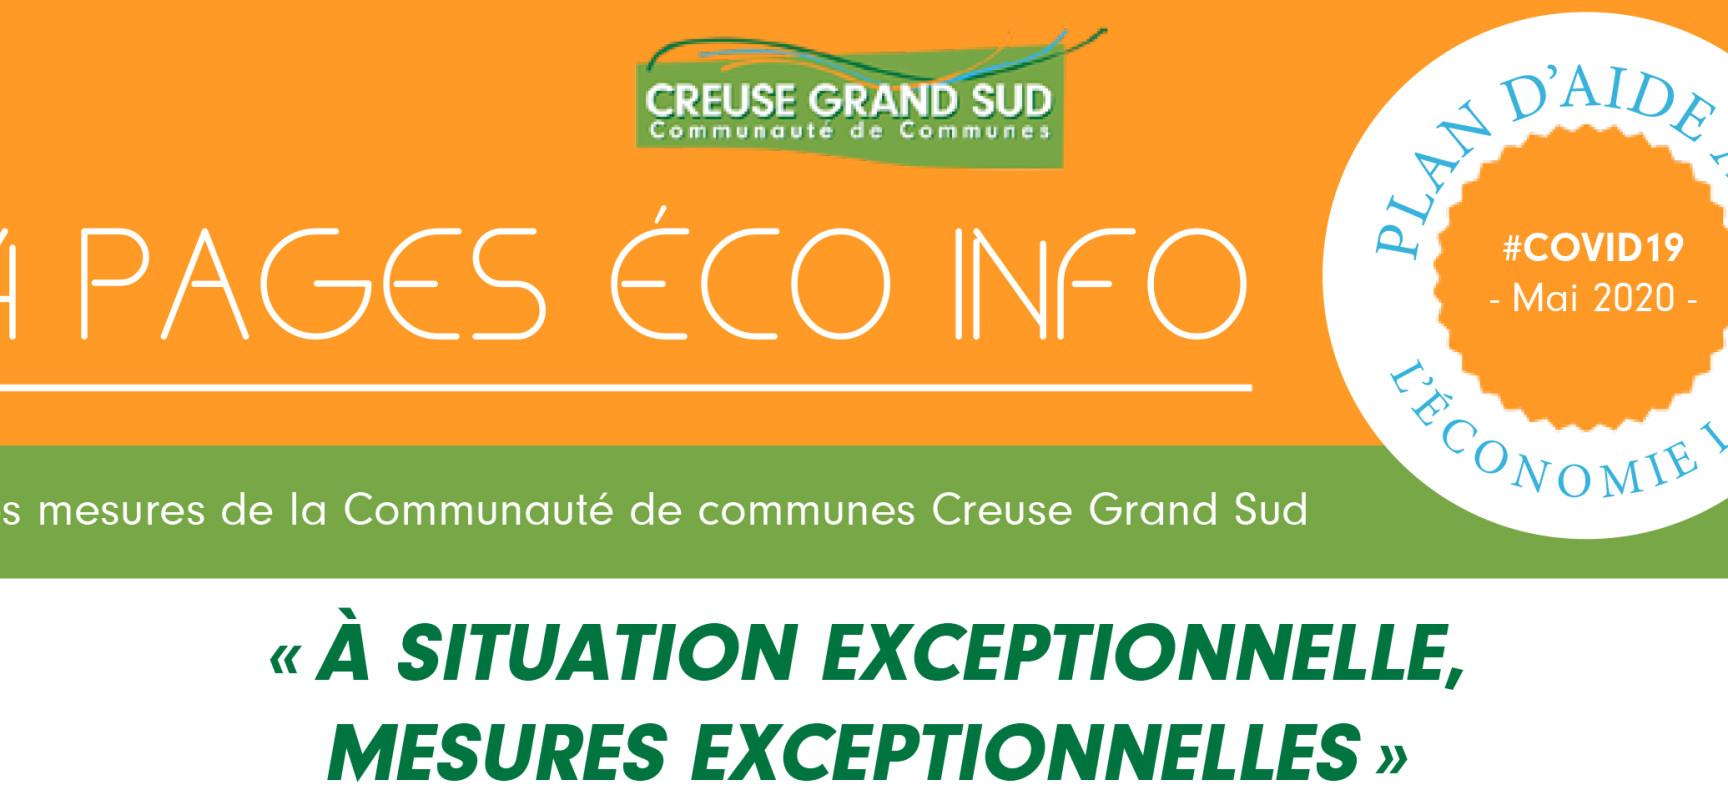 [Covid19] « À situation exceptionnelle, mesures exceptionnelles », le plan d'aide à l'économie locale de Creuse Grand Sud – Juin 2020